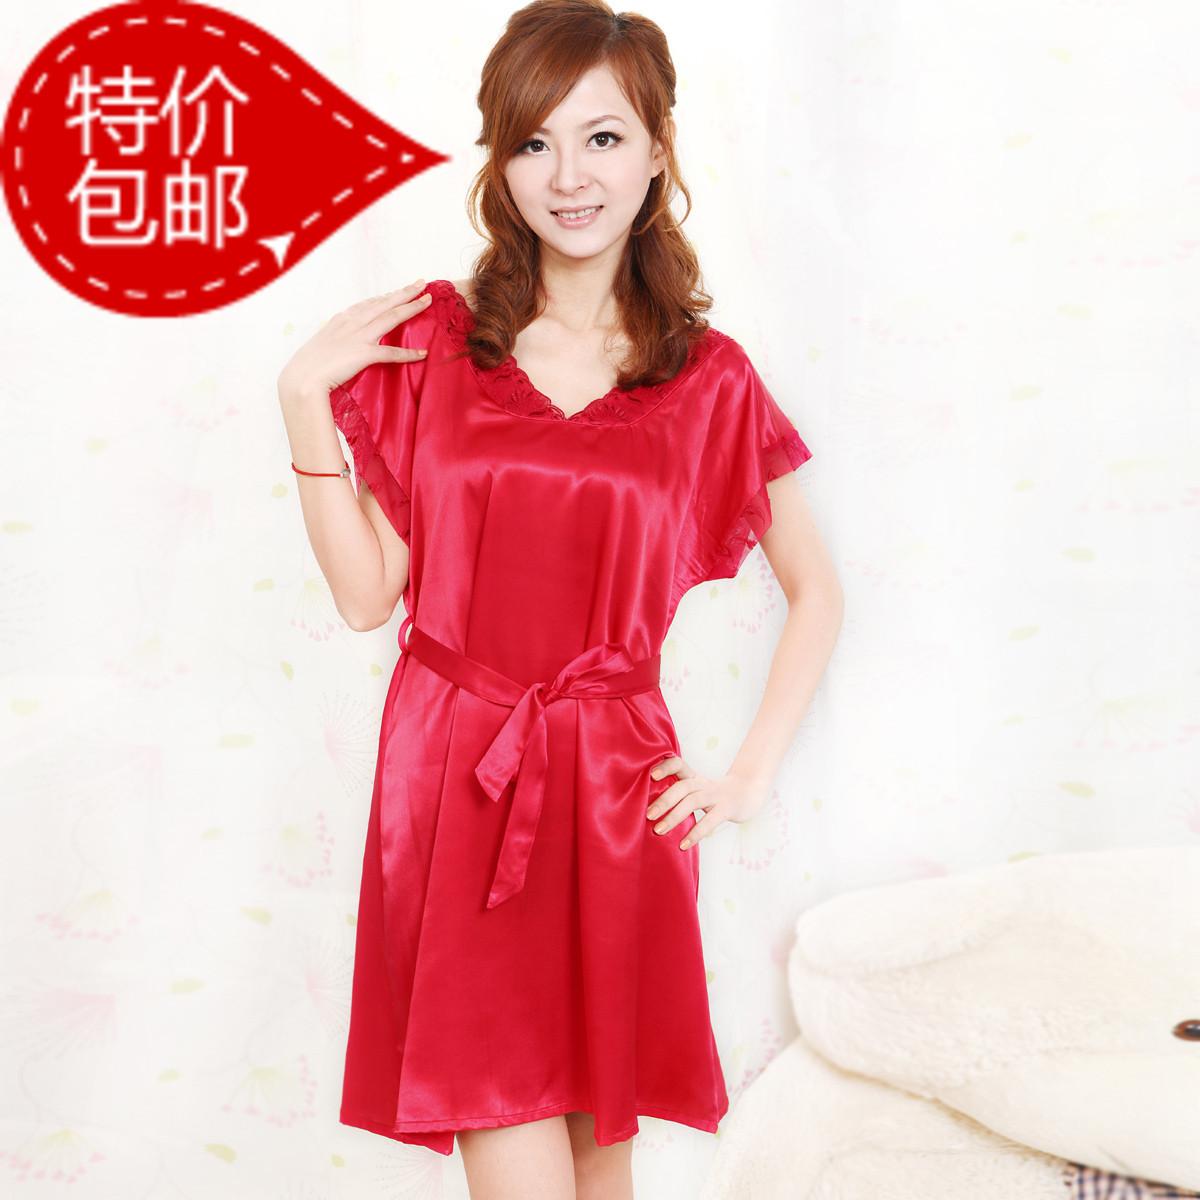 梦月琳 新款夏季 短袖可爱仿真丝性感睡裙蕾丝公主本命年红色女士